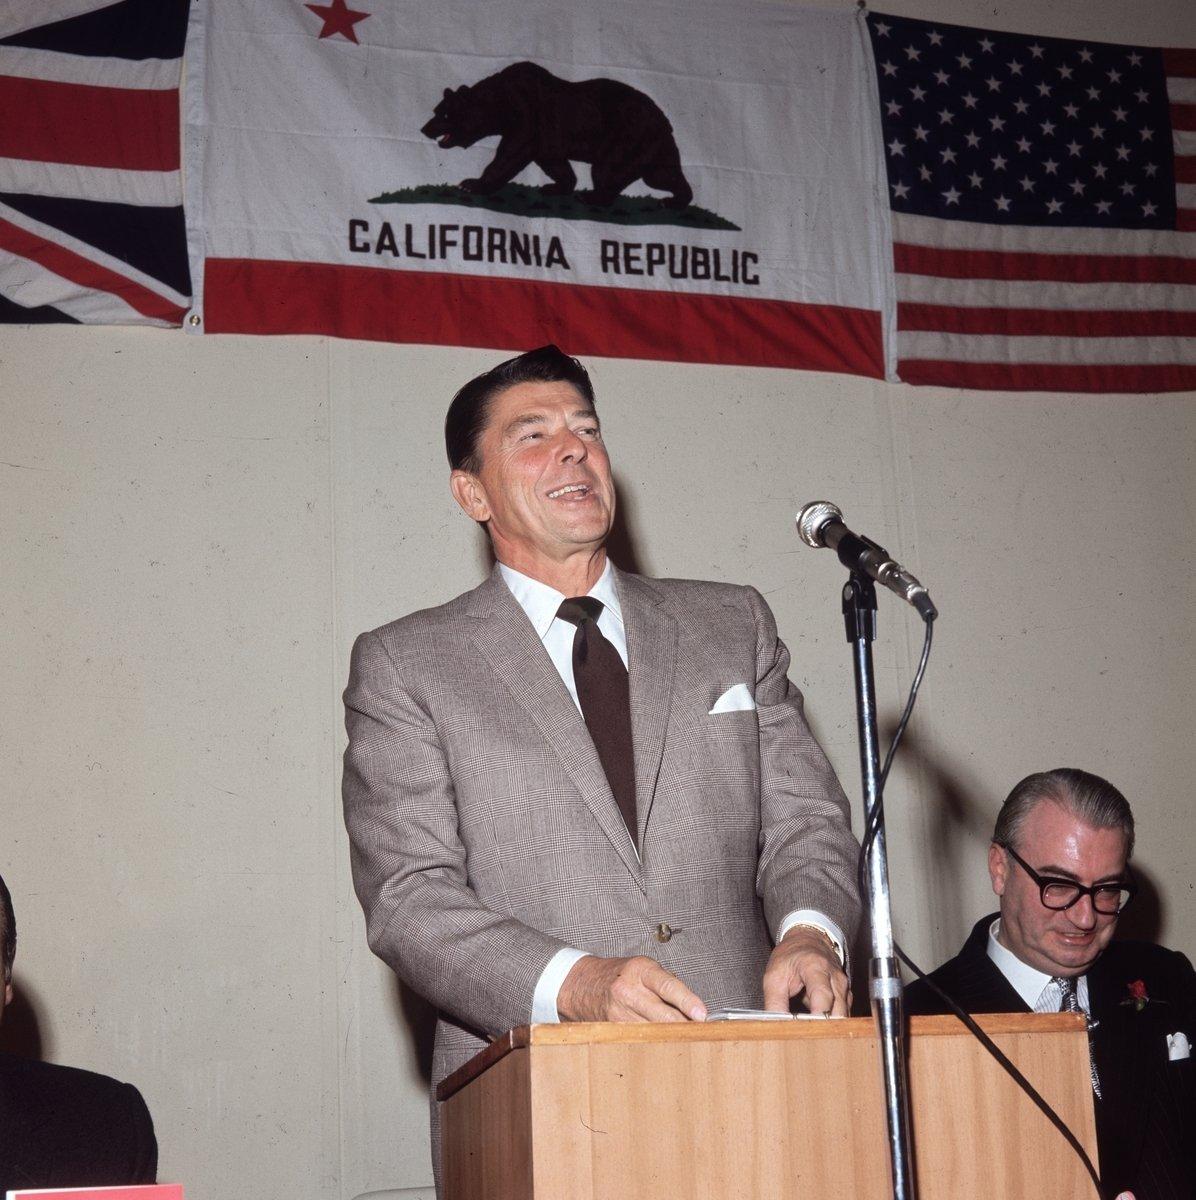 1969年11月,時任加州州長里根在訪問倫敦時的一個午餐會上發表演說。 (Mike Lawn/Fox Photos/Getty Images)